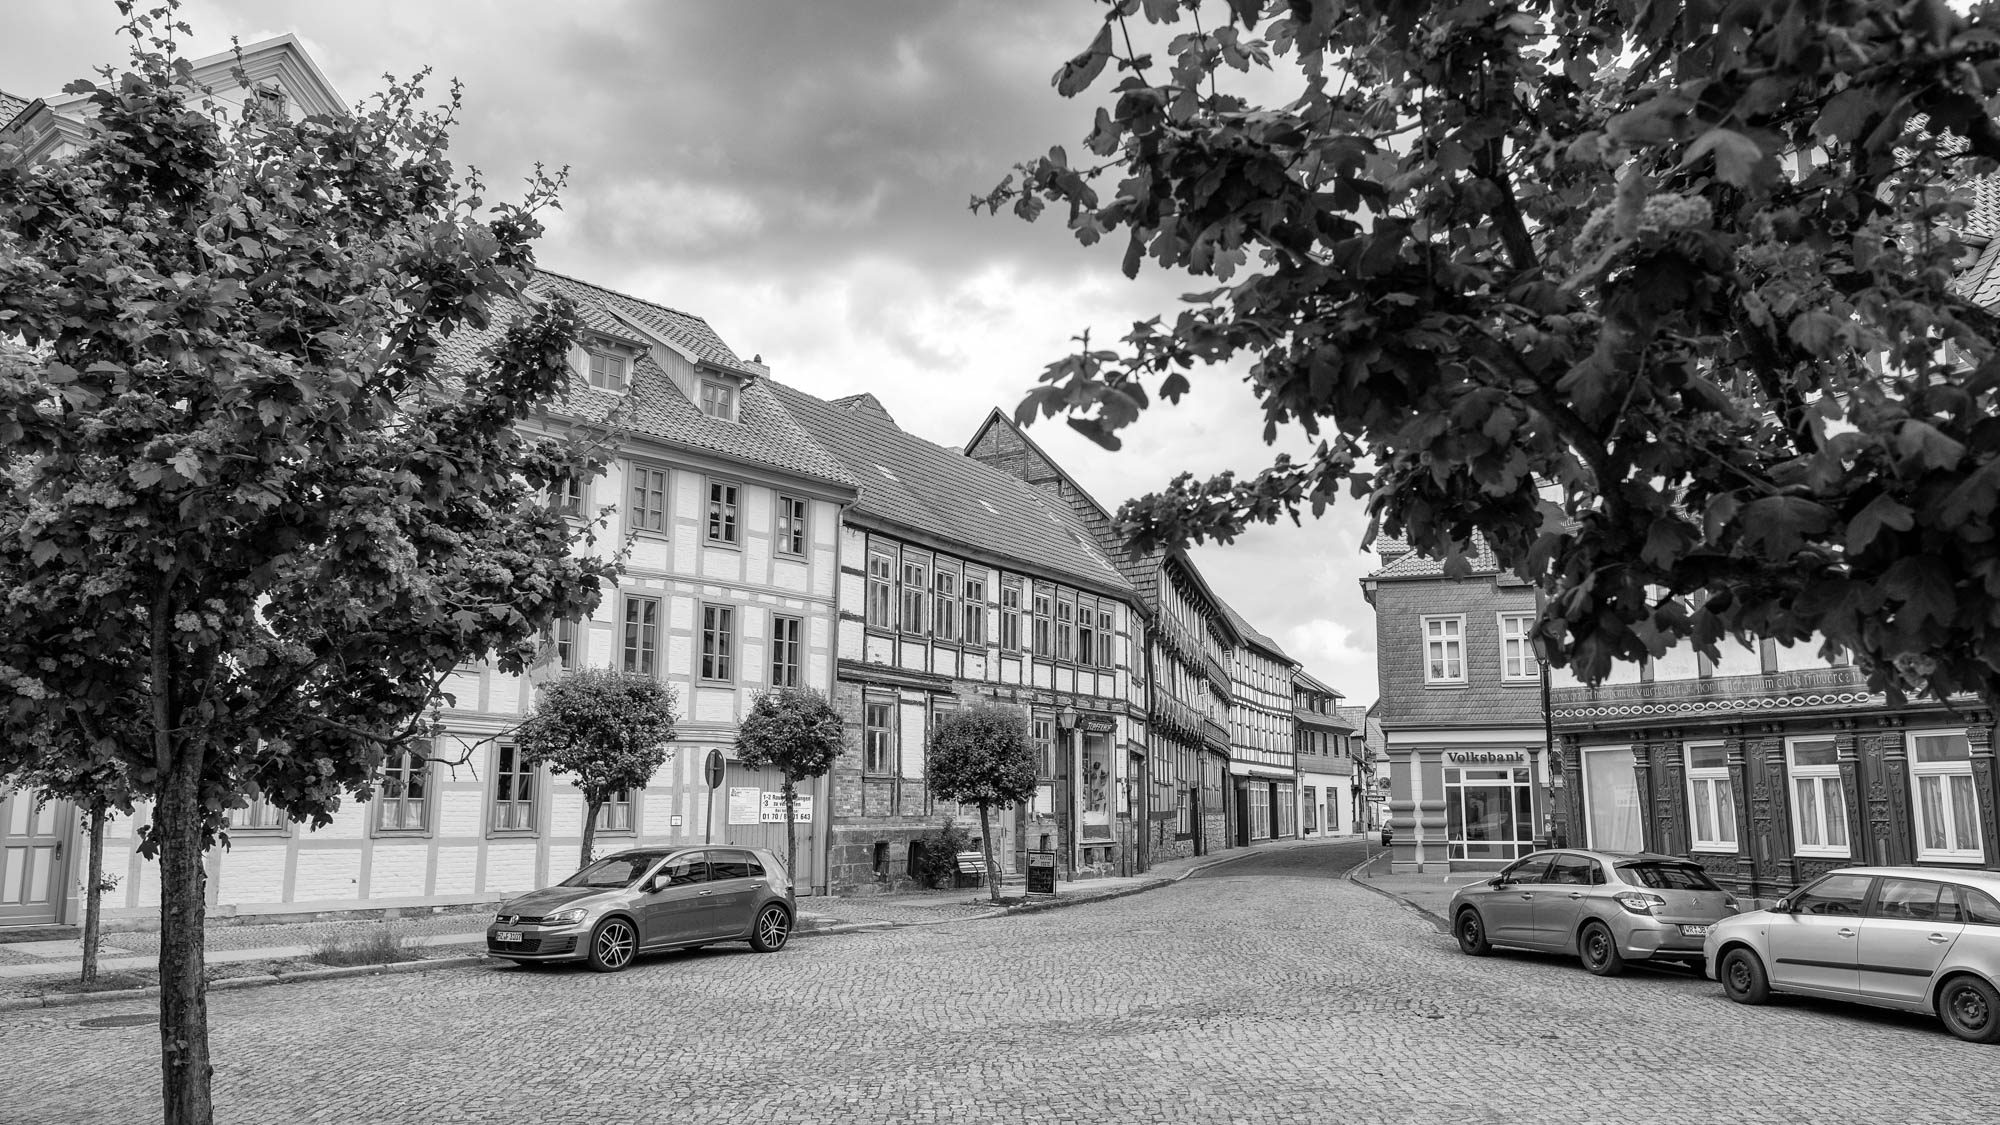 Osterwieck in Sachsen-Anhalt